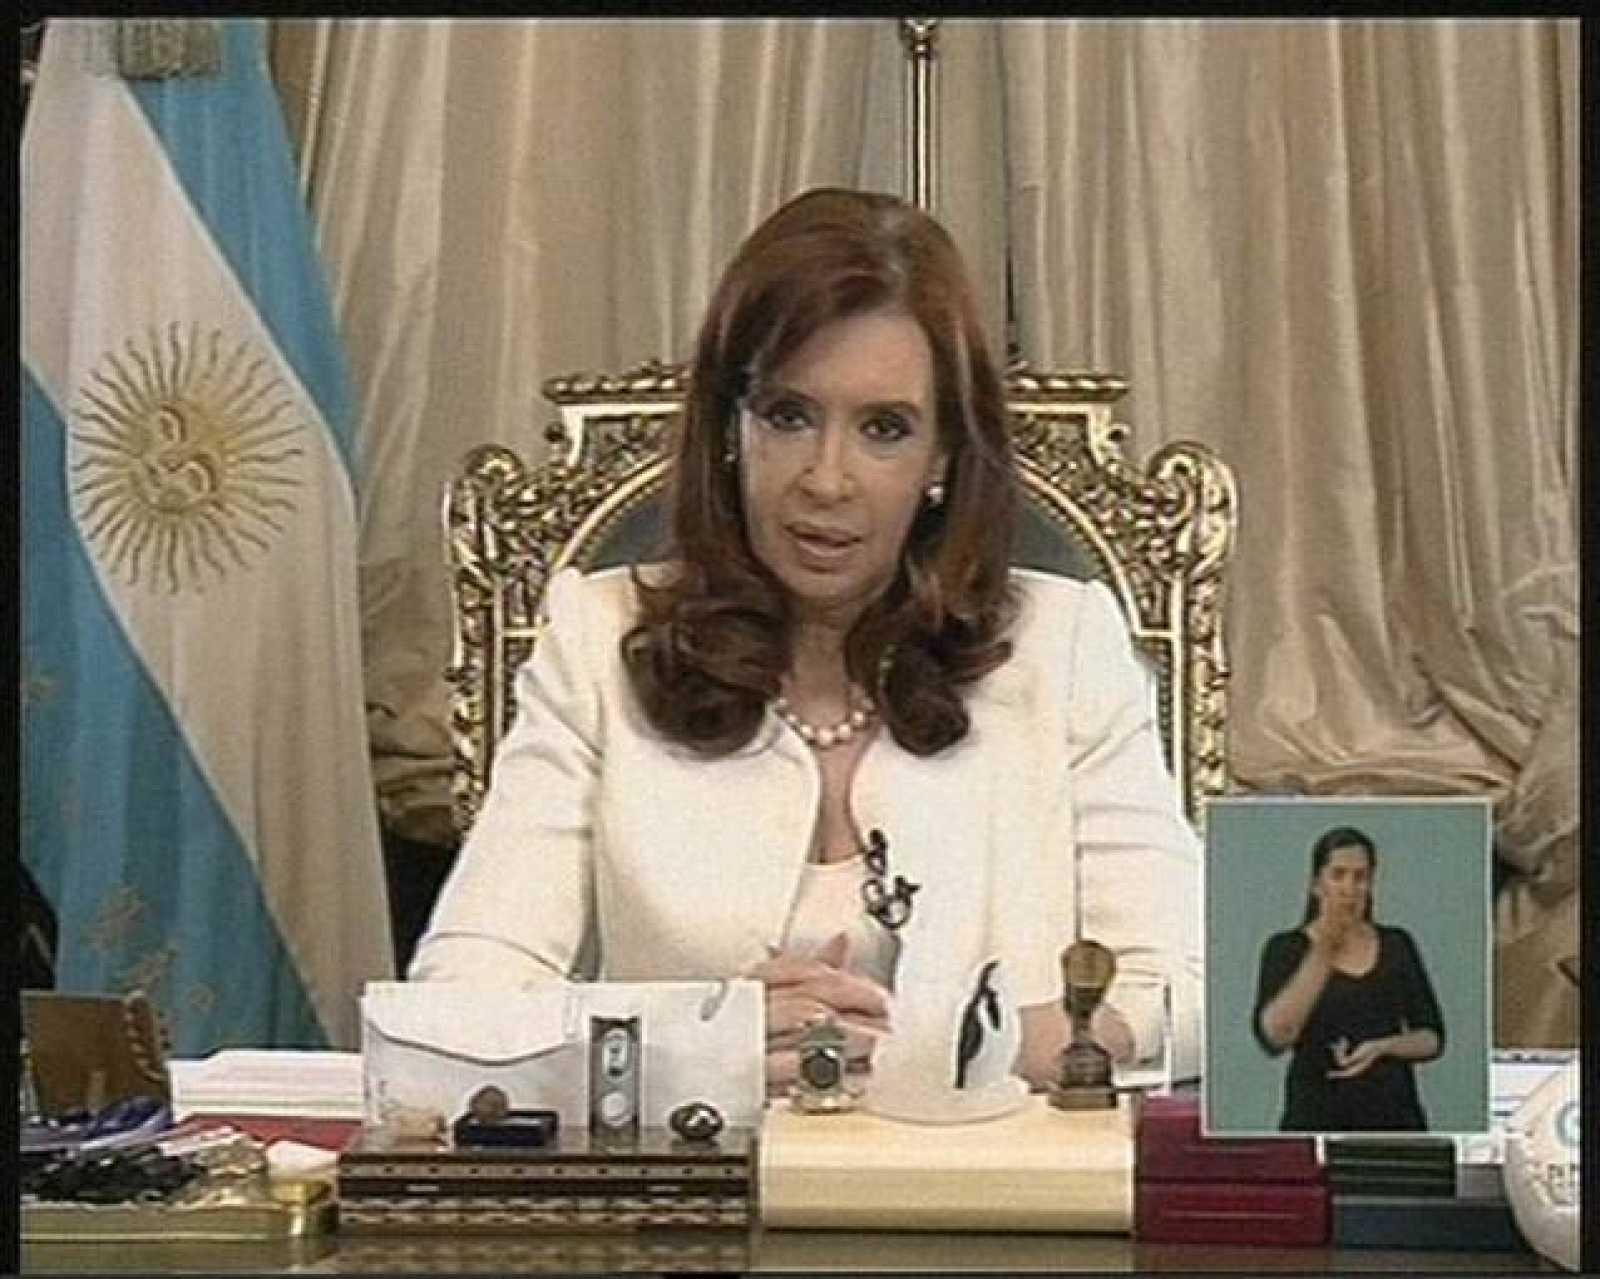 La presidenta argentina, Cristina Fernández, se dirige a la nación tras el fallo del Supremo de Estados Unidos.